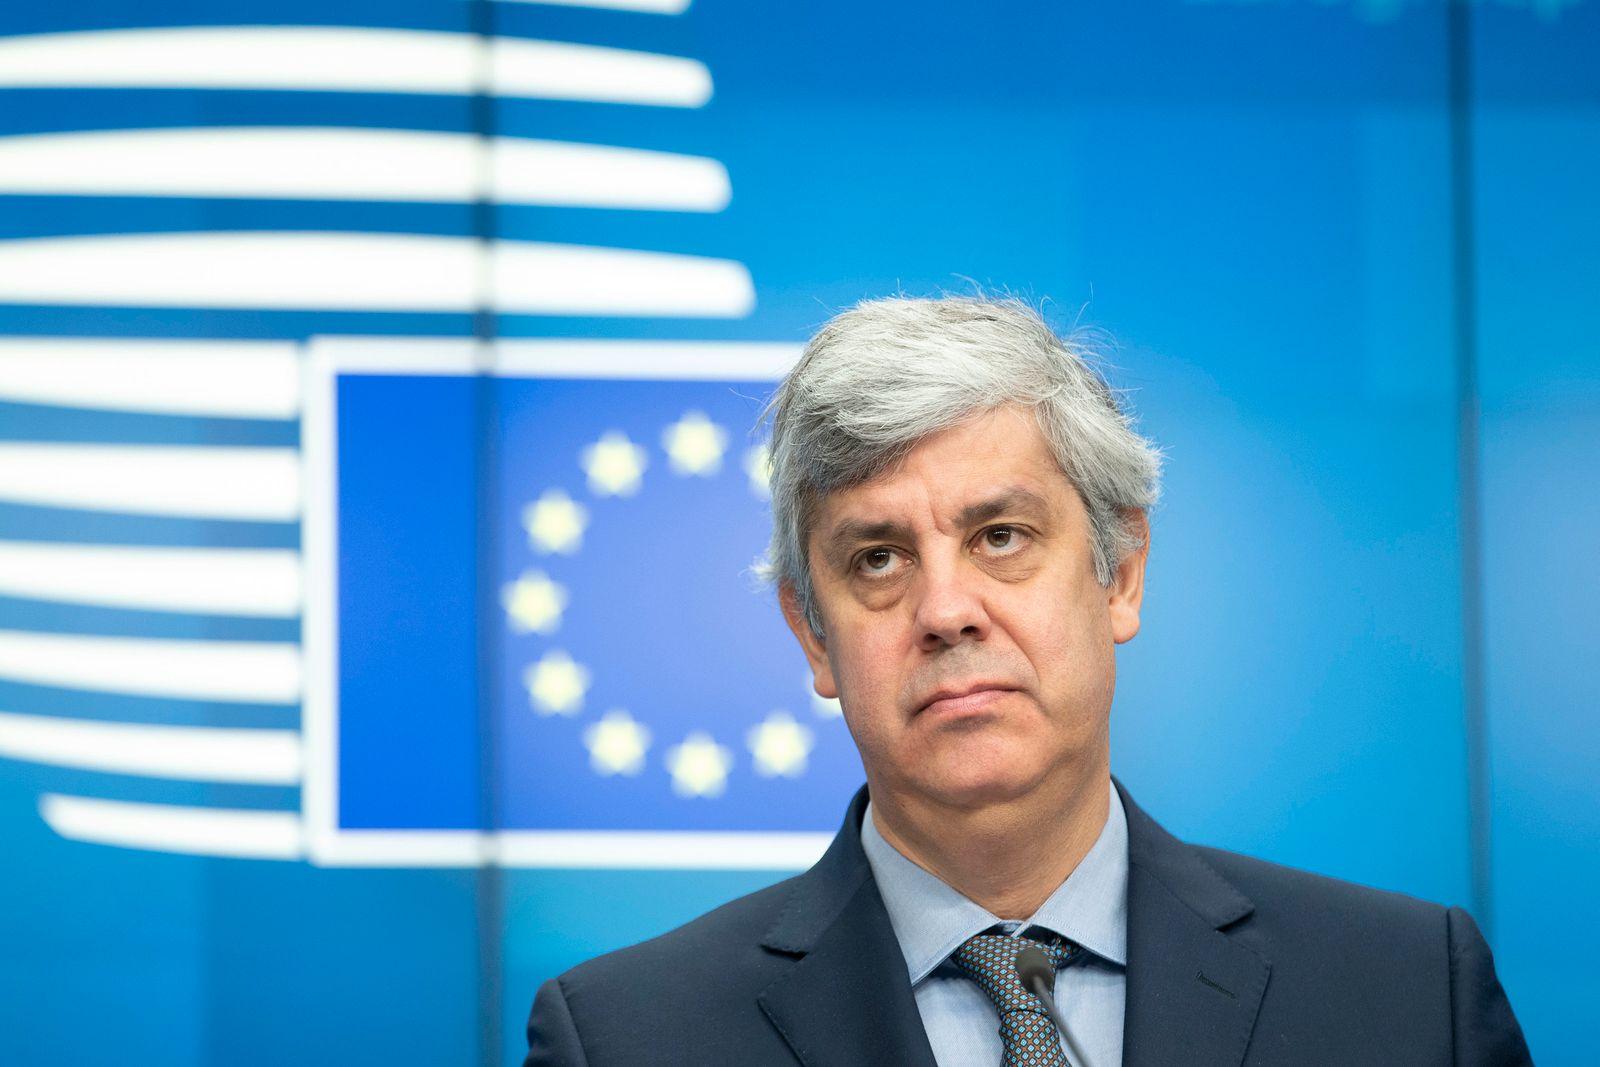 Corona-Krise - EU-Staaten beraten Hilfen